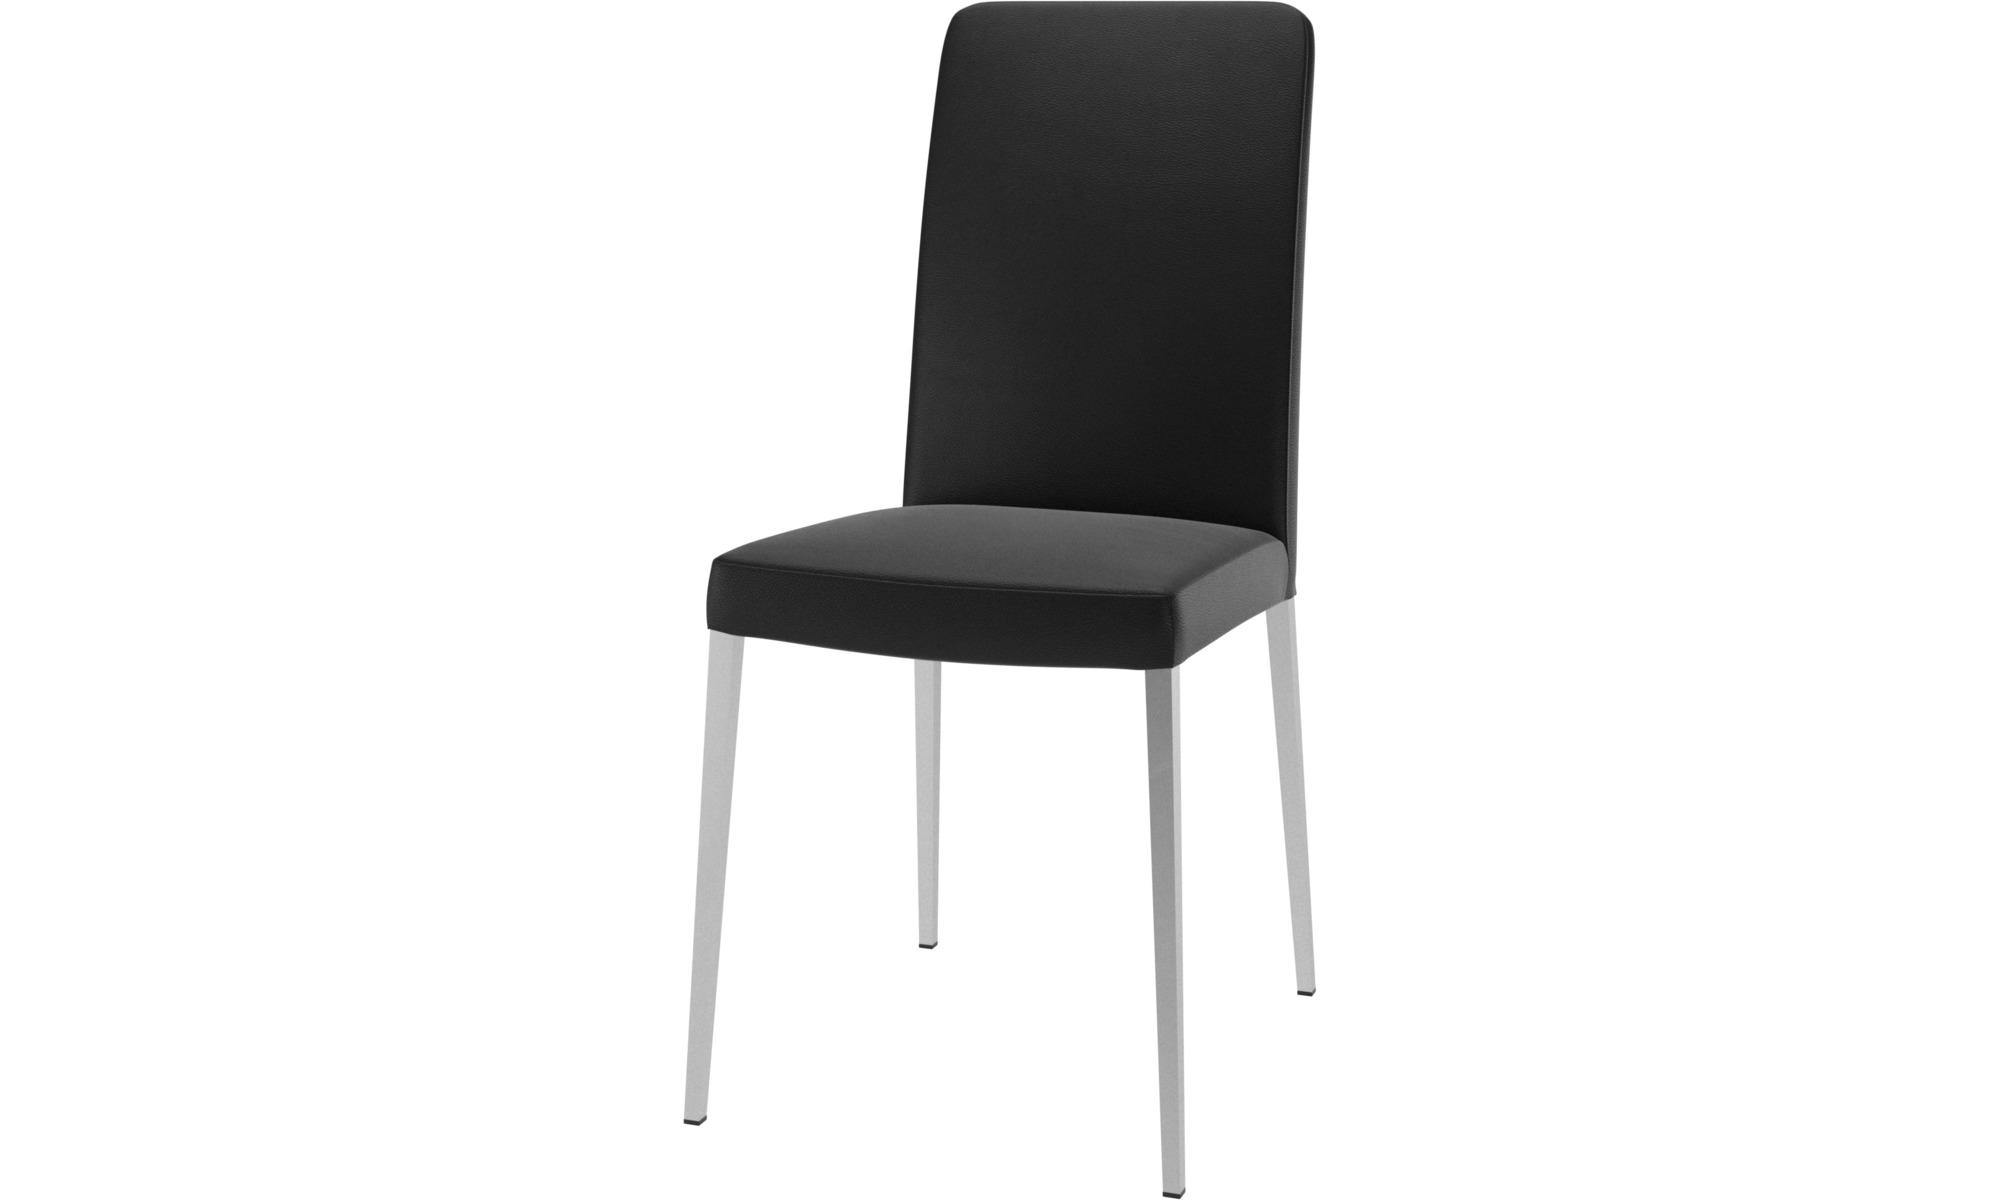 #343231 Chaises De Salle à Manger Chaise Nico BoConcept 4271 chaise moderne de salle a manger noir 2000x1200 px @ aertt.com